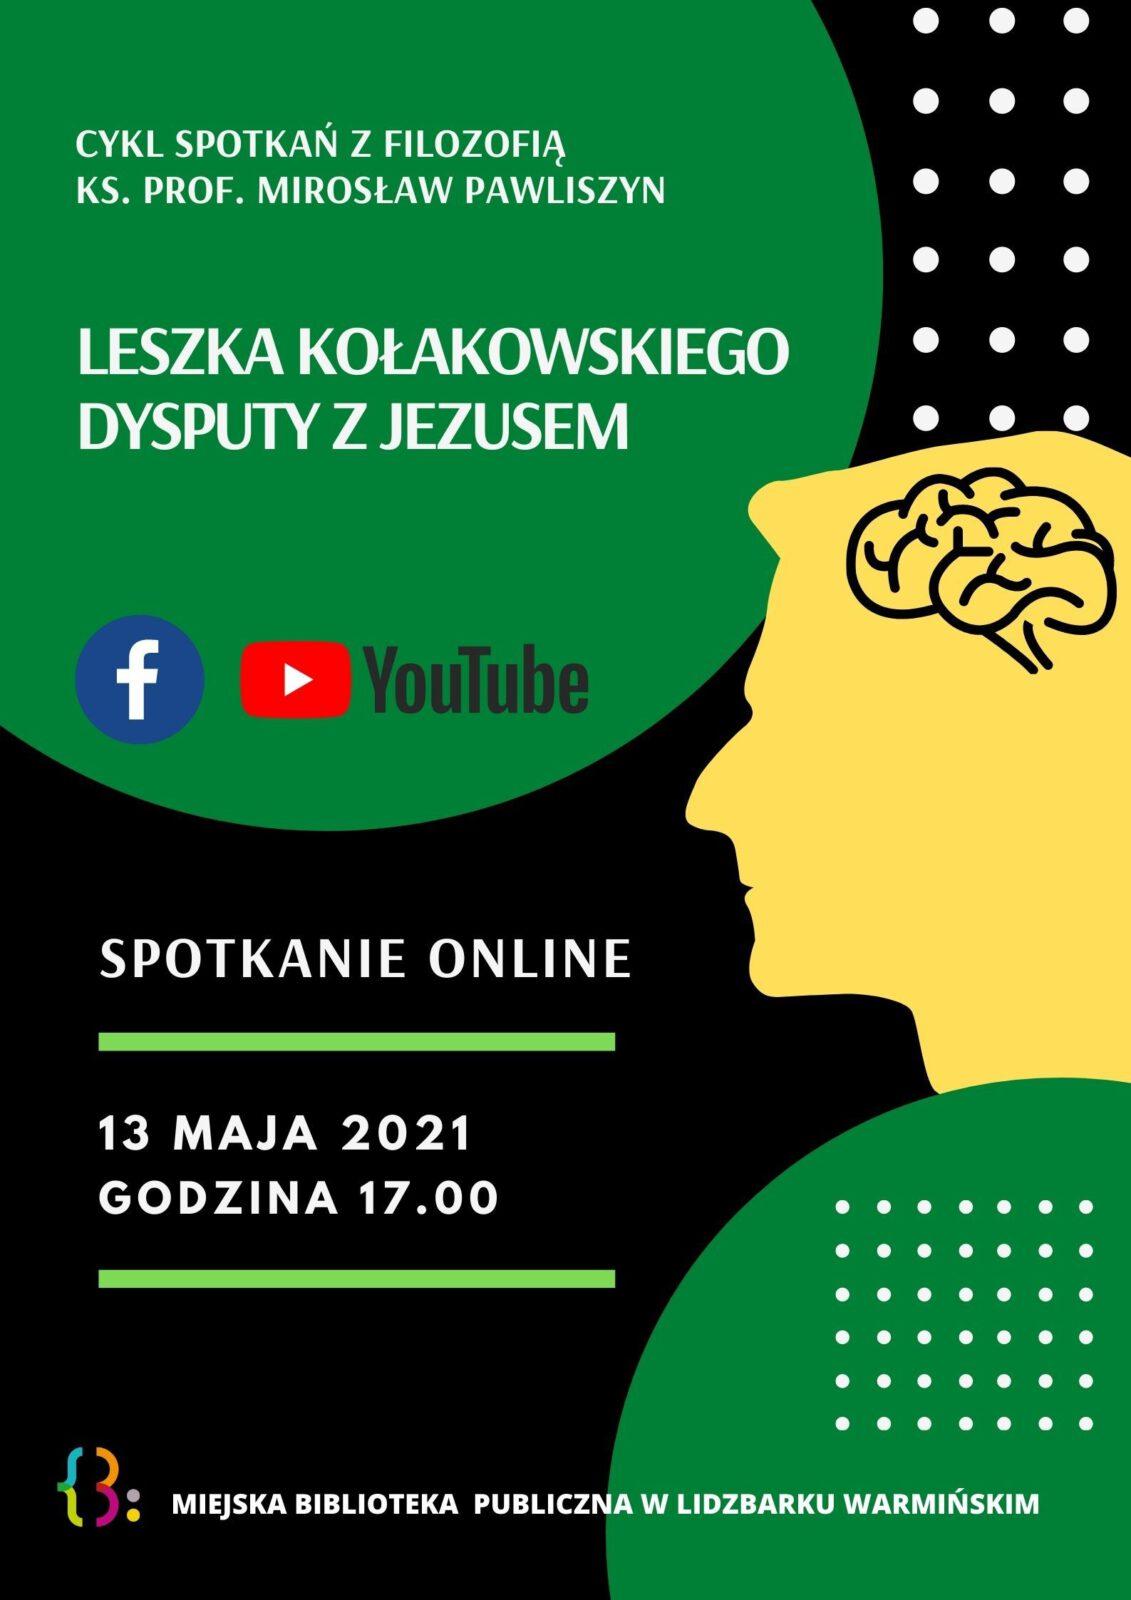 Zdjęcie przedstawia plakat na spotkanie z filozofią ks. prof. Mirosław Pawliszyn Leszka Kołakowskiego dysputy z Jezusem